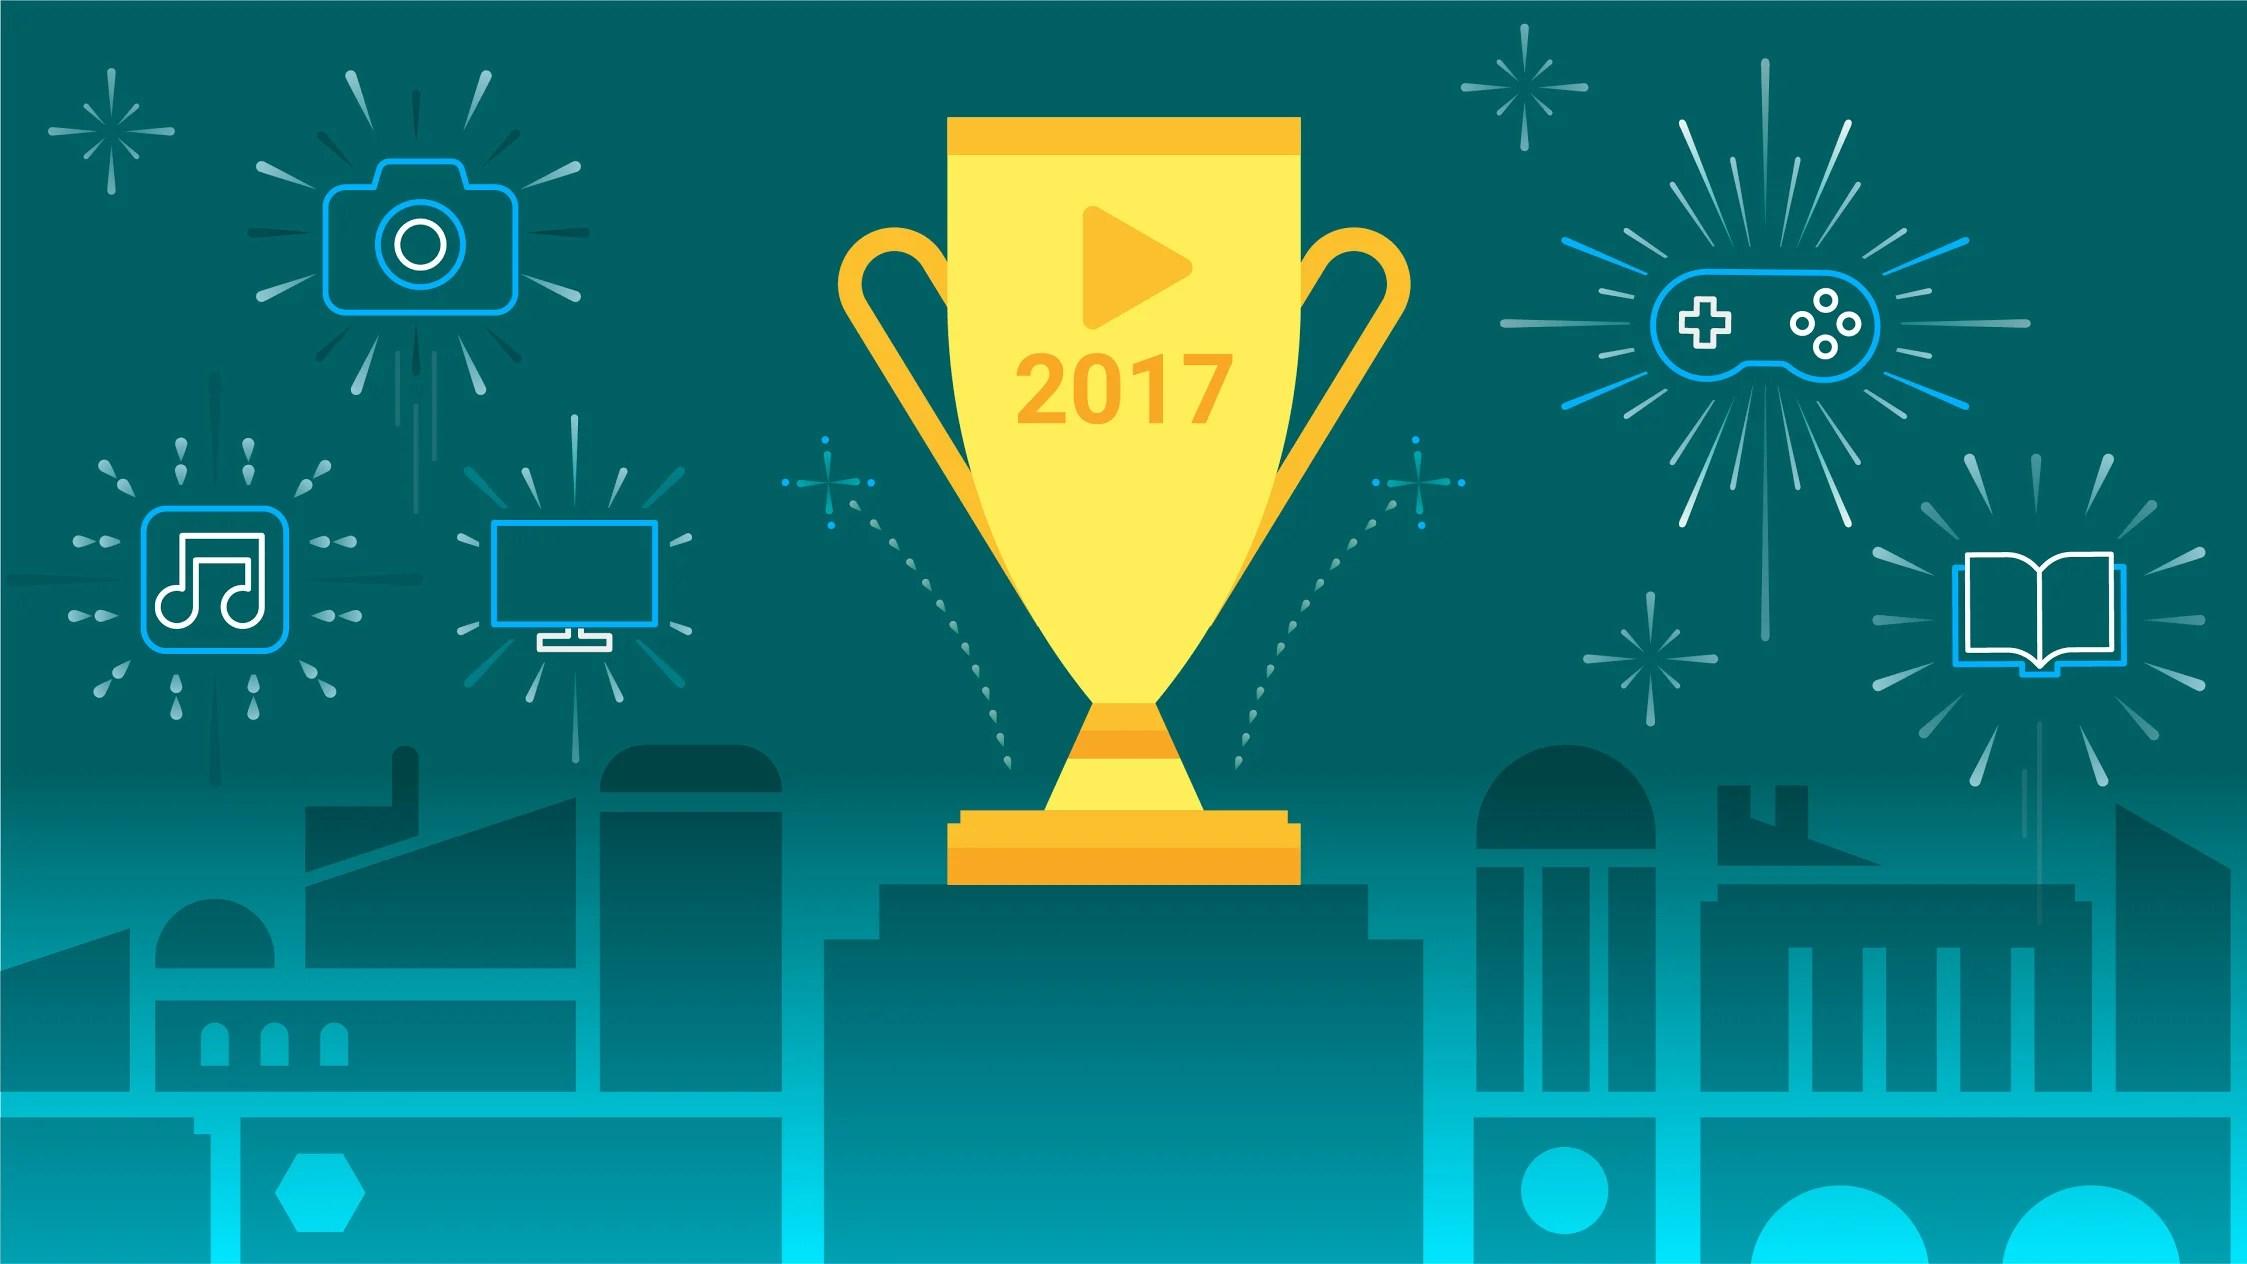 Les meilleurs jeux et apps de 2017 d'après Google